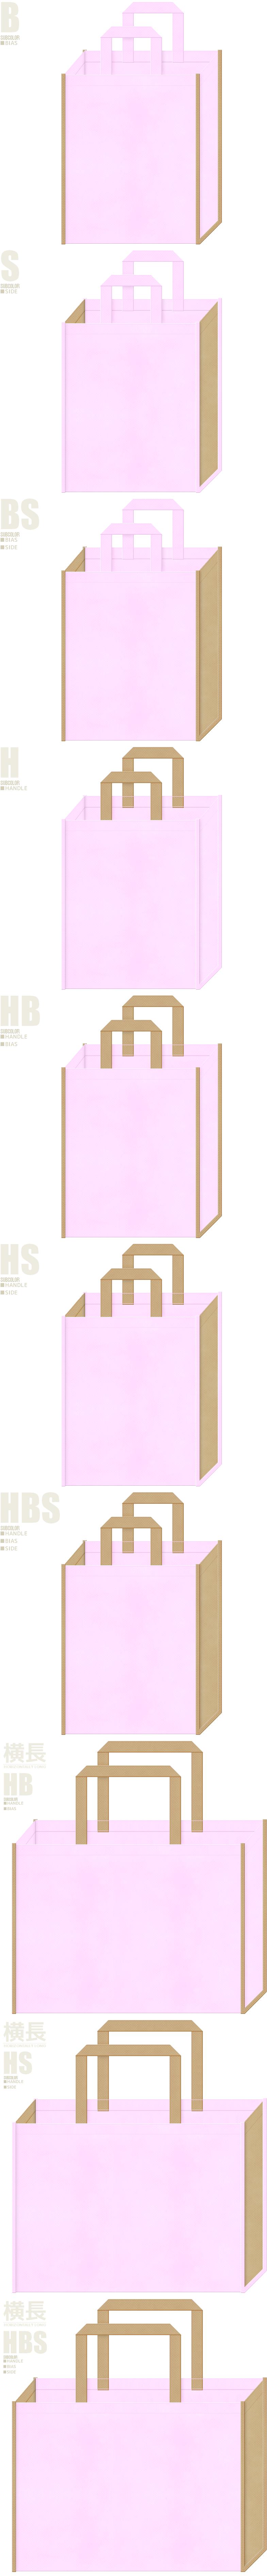 ペットショップ・ペットサロン・ペット用品・ペットフード・アニマルケア・ベアー・小鹿・ぬいぐるみ・手芸・ガーデン・ガーリーデザインにお奨めの不織布バッグデザイン:パステルピンク色とカーキ色の配色7パターン。